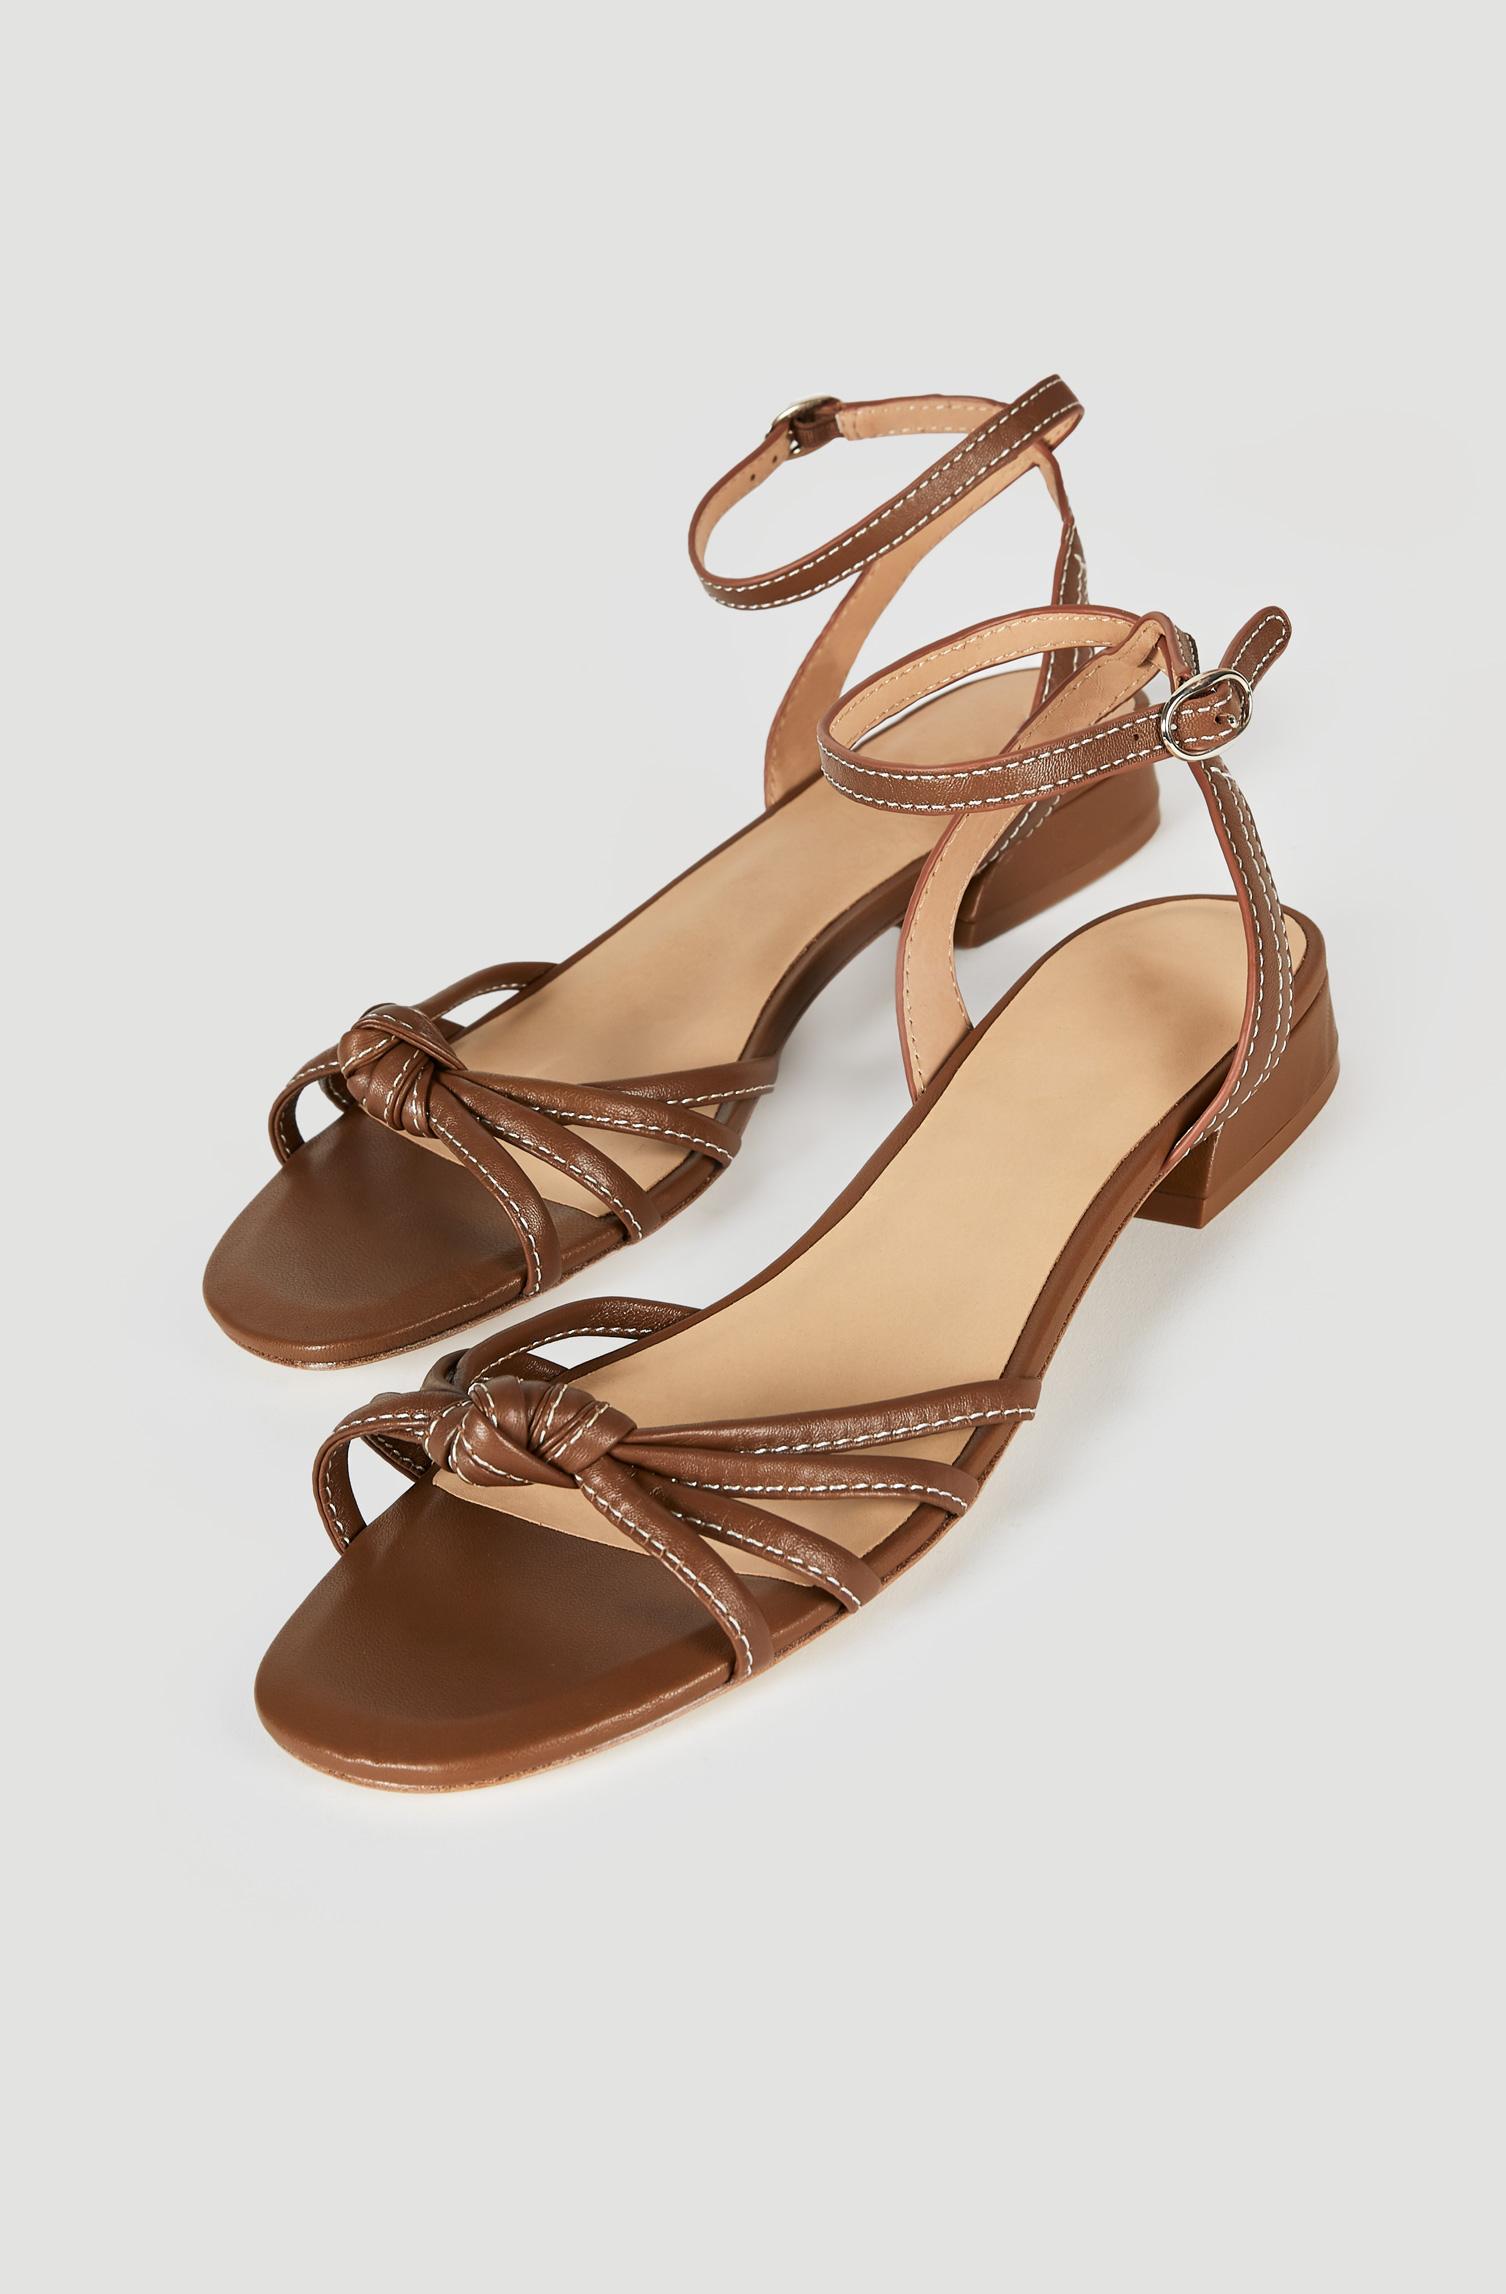 Joie Parsin Sandal In Tan Fw Sp18